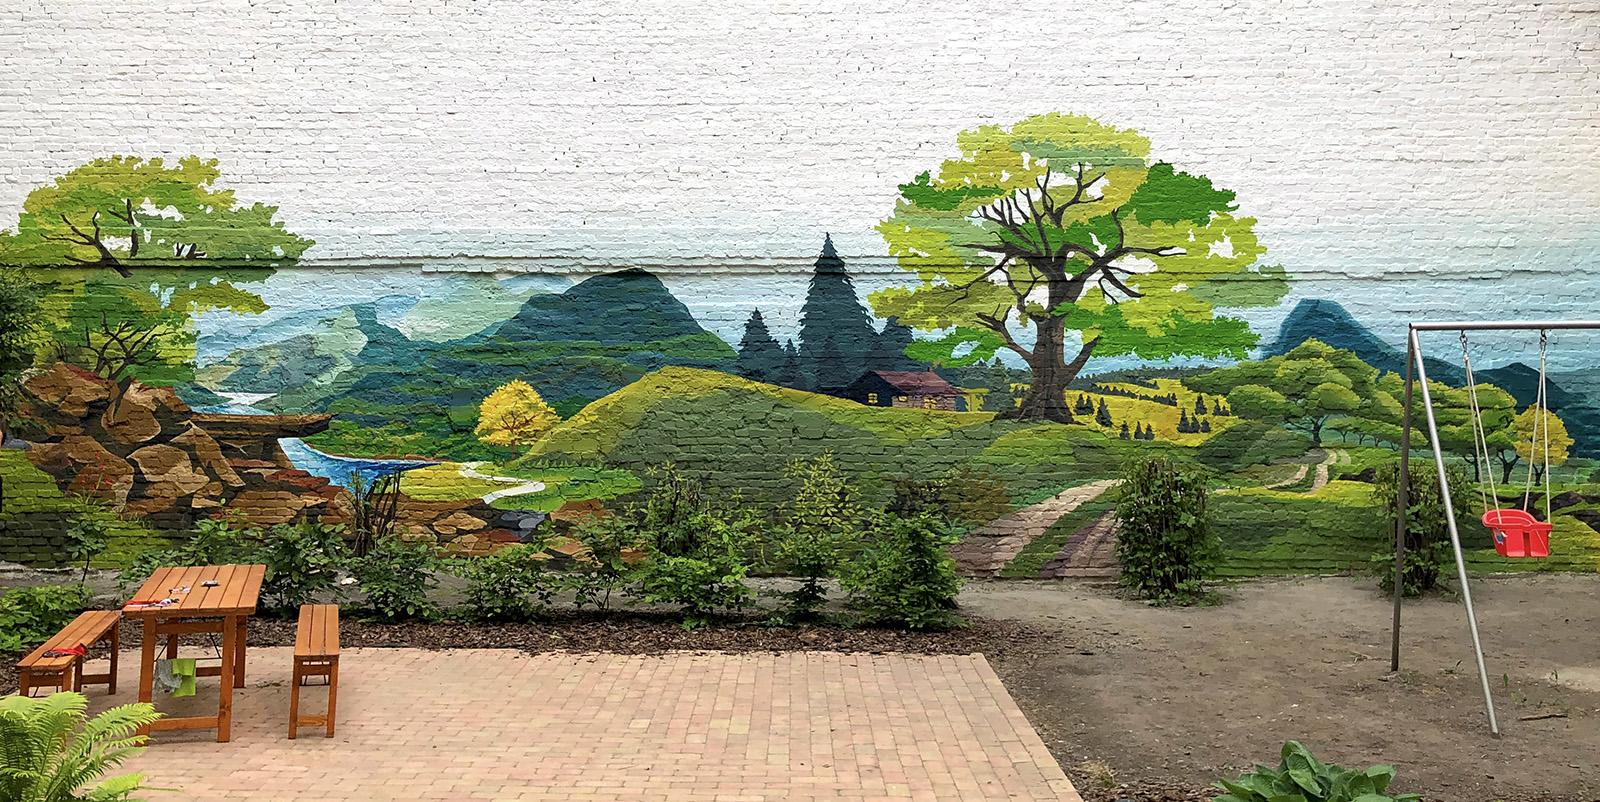 tájkép a gangon graffiti - neopaint works